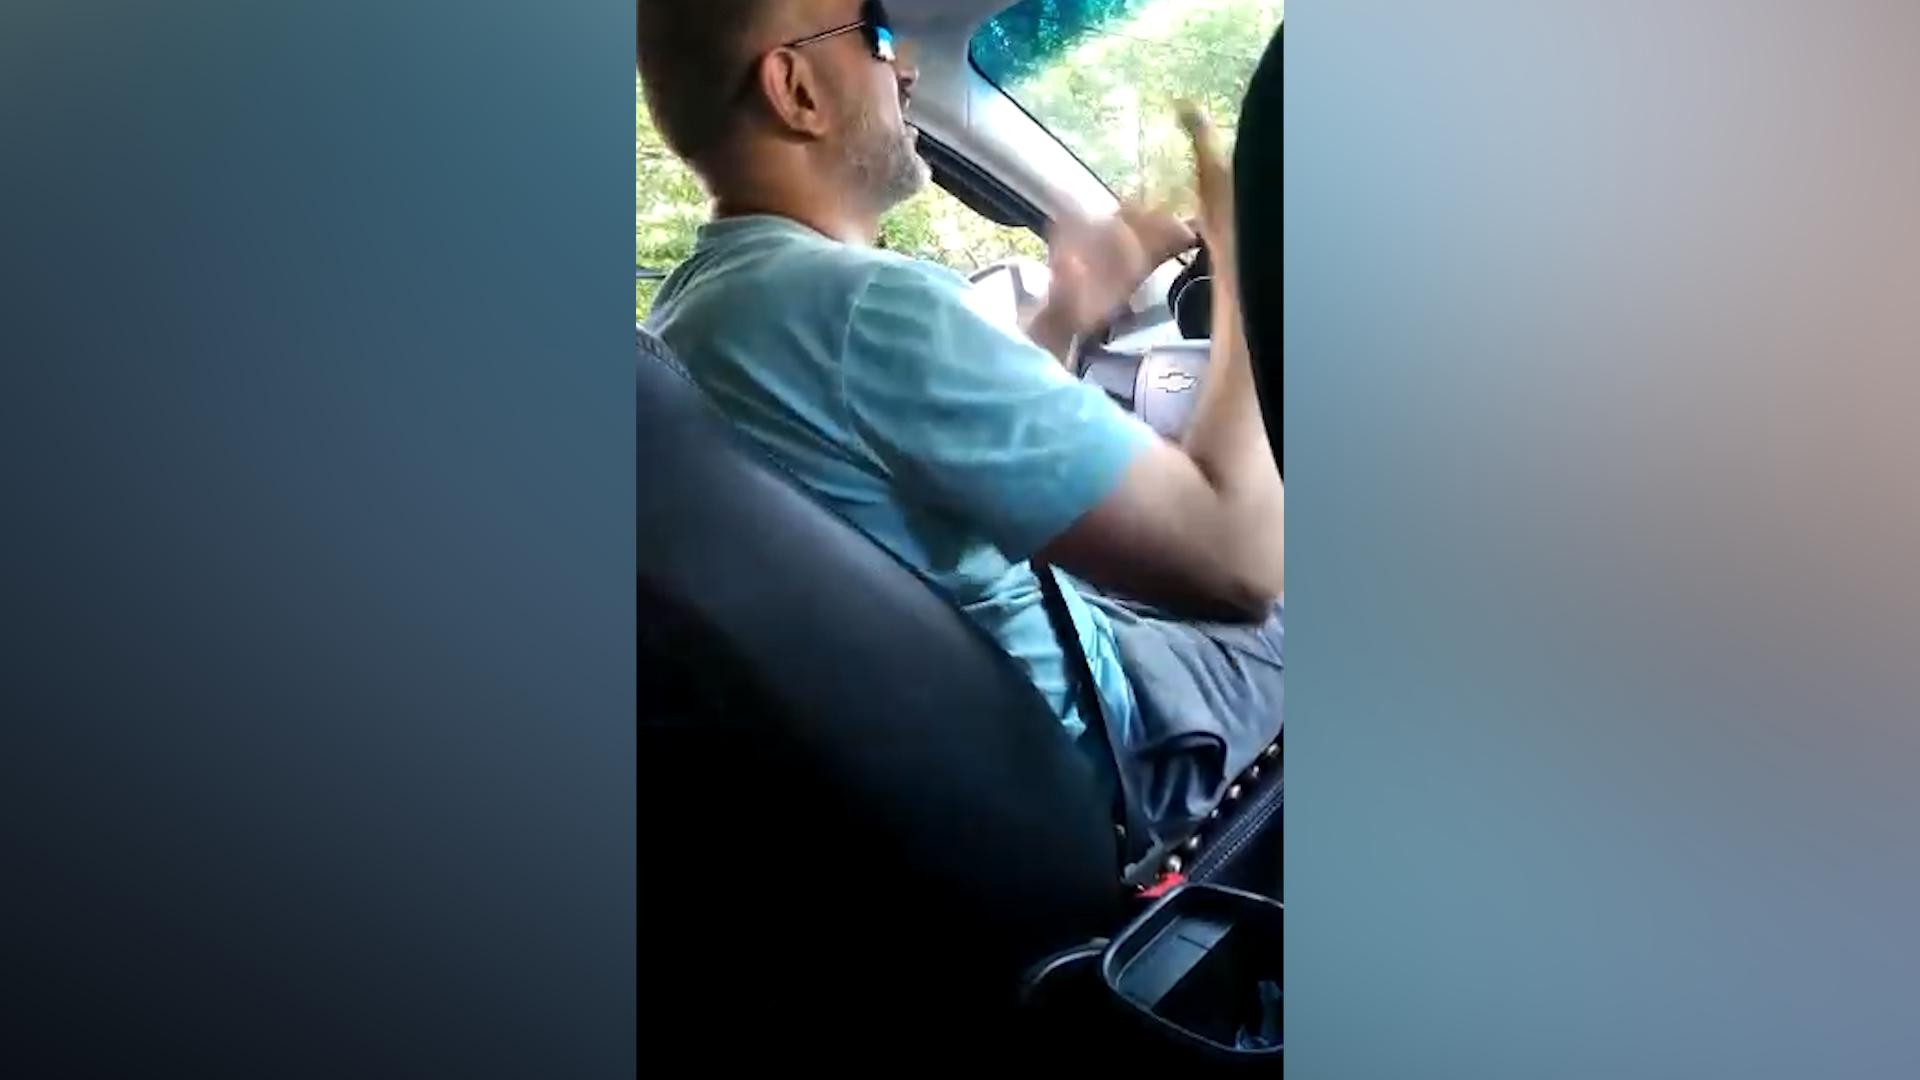 """1104608672824.4578 """"Не по кайфу такой заказ"""": В Колпино таксист высадил пассажирку на полпути из-за низкой стоимости поездки"""